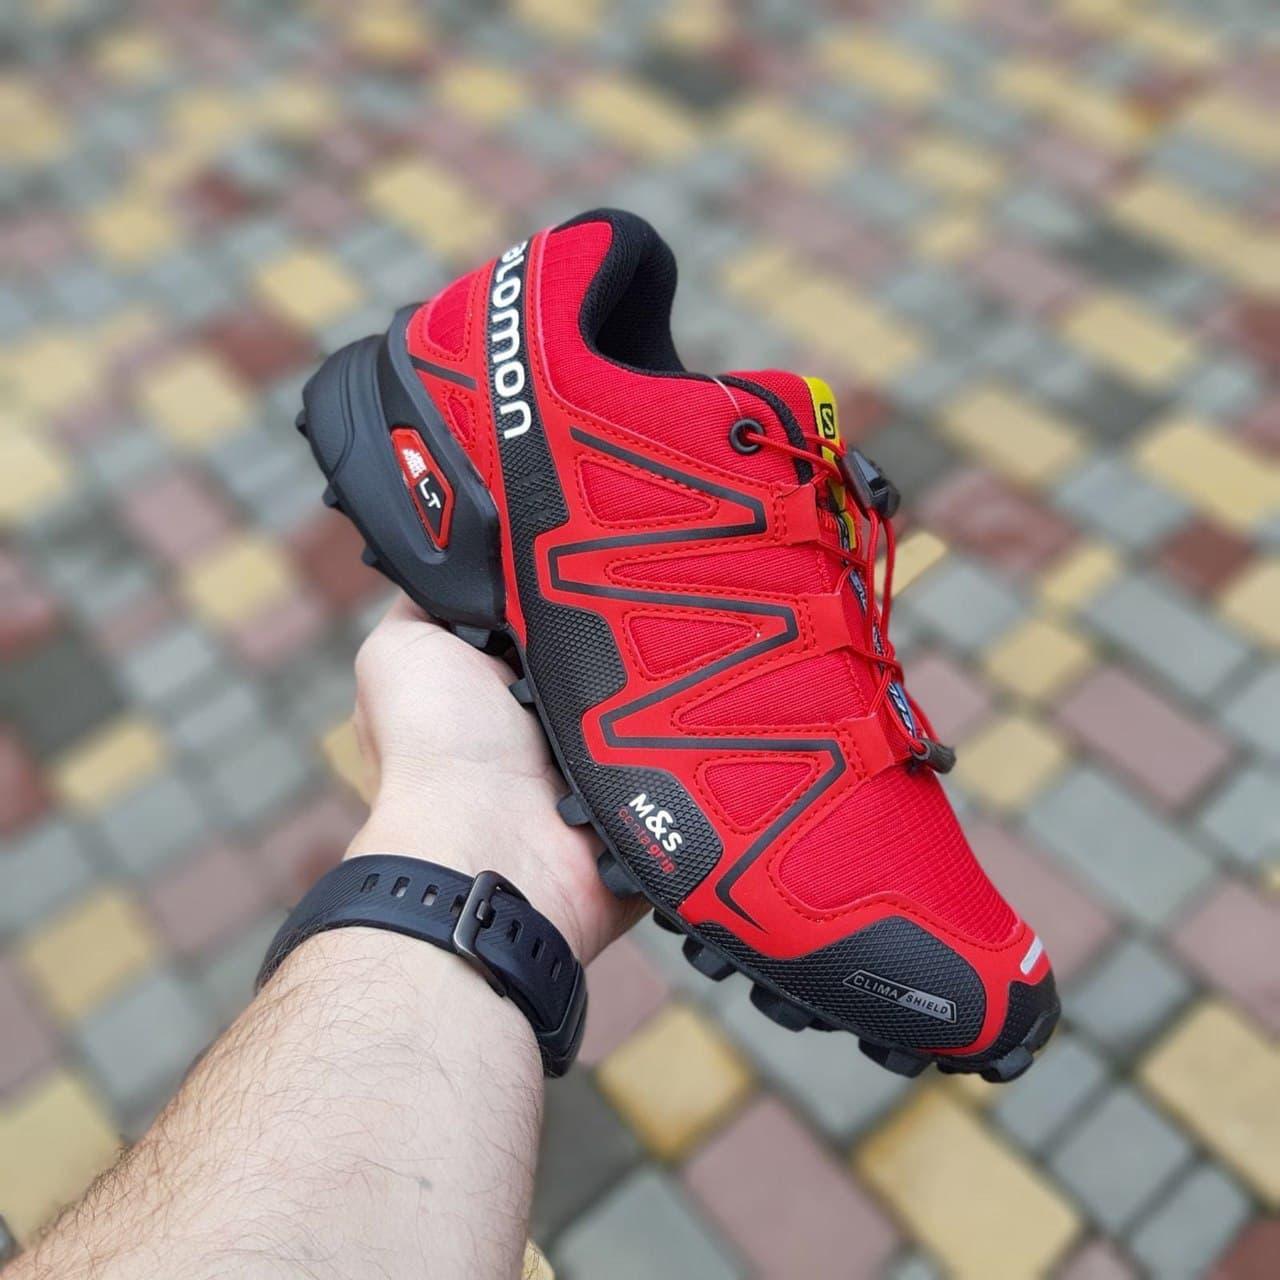 Мужские кроссовки Salomon Speedcross 3 (красные) О10327 качественные модные кроссы